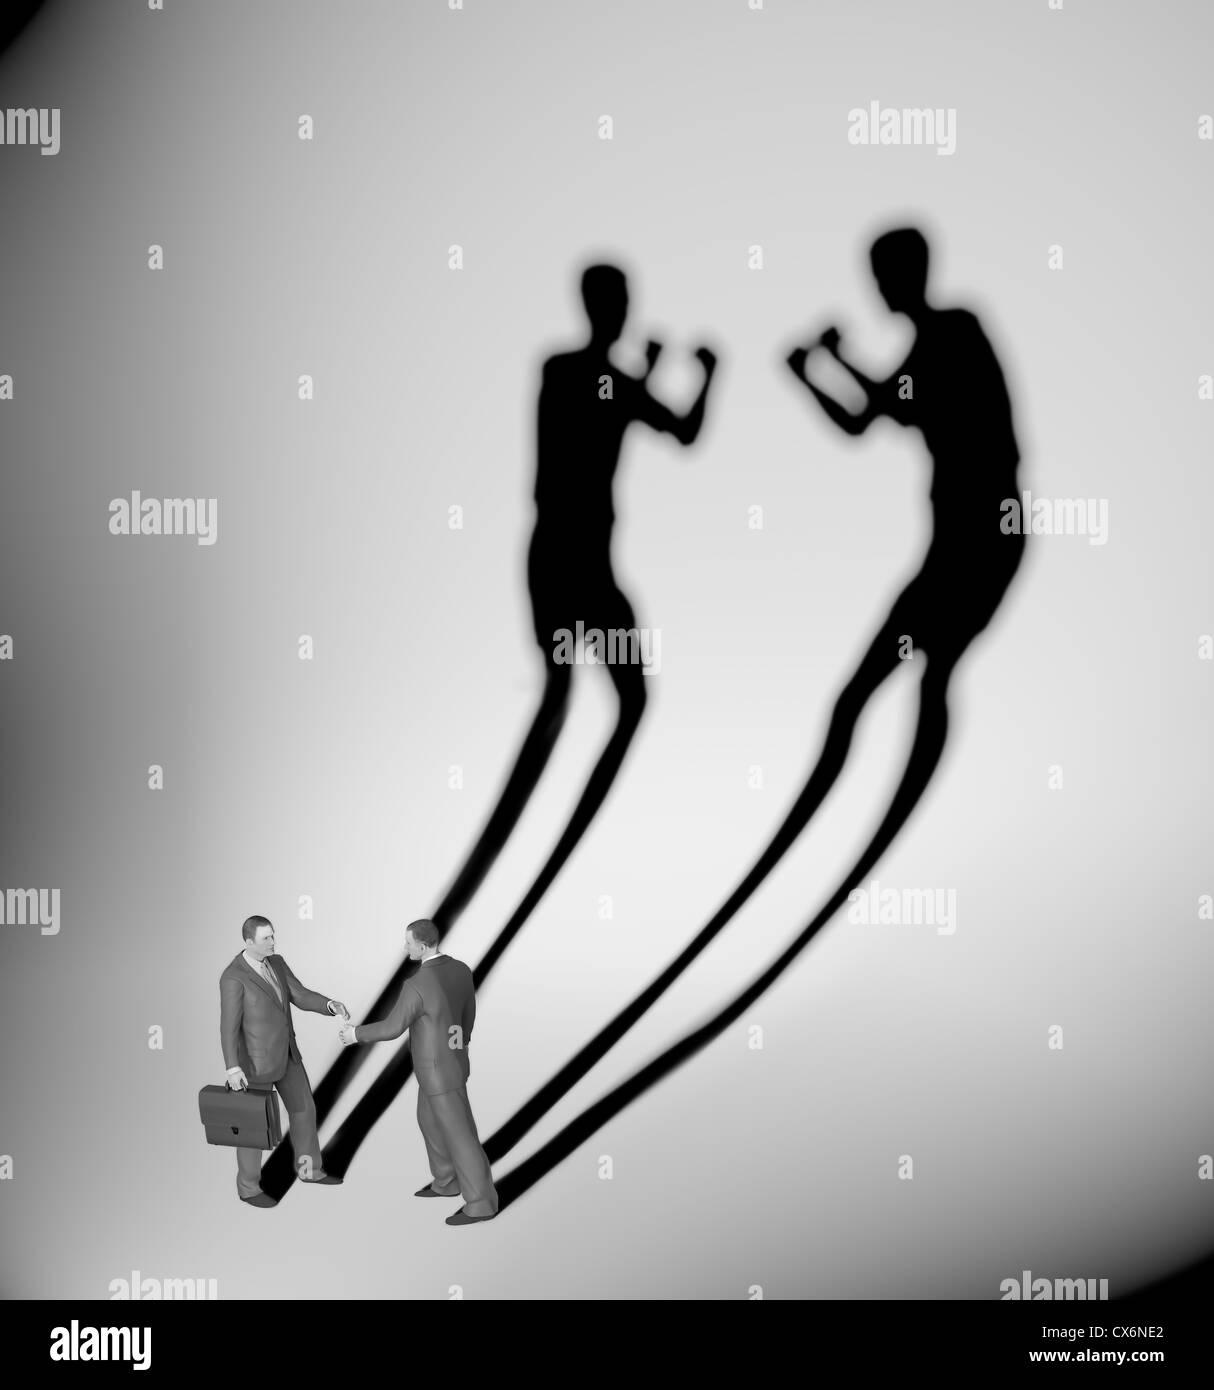 Dois empresário lançando uma sombra em forma de dois lutadores Imagens de Stock